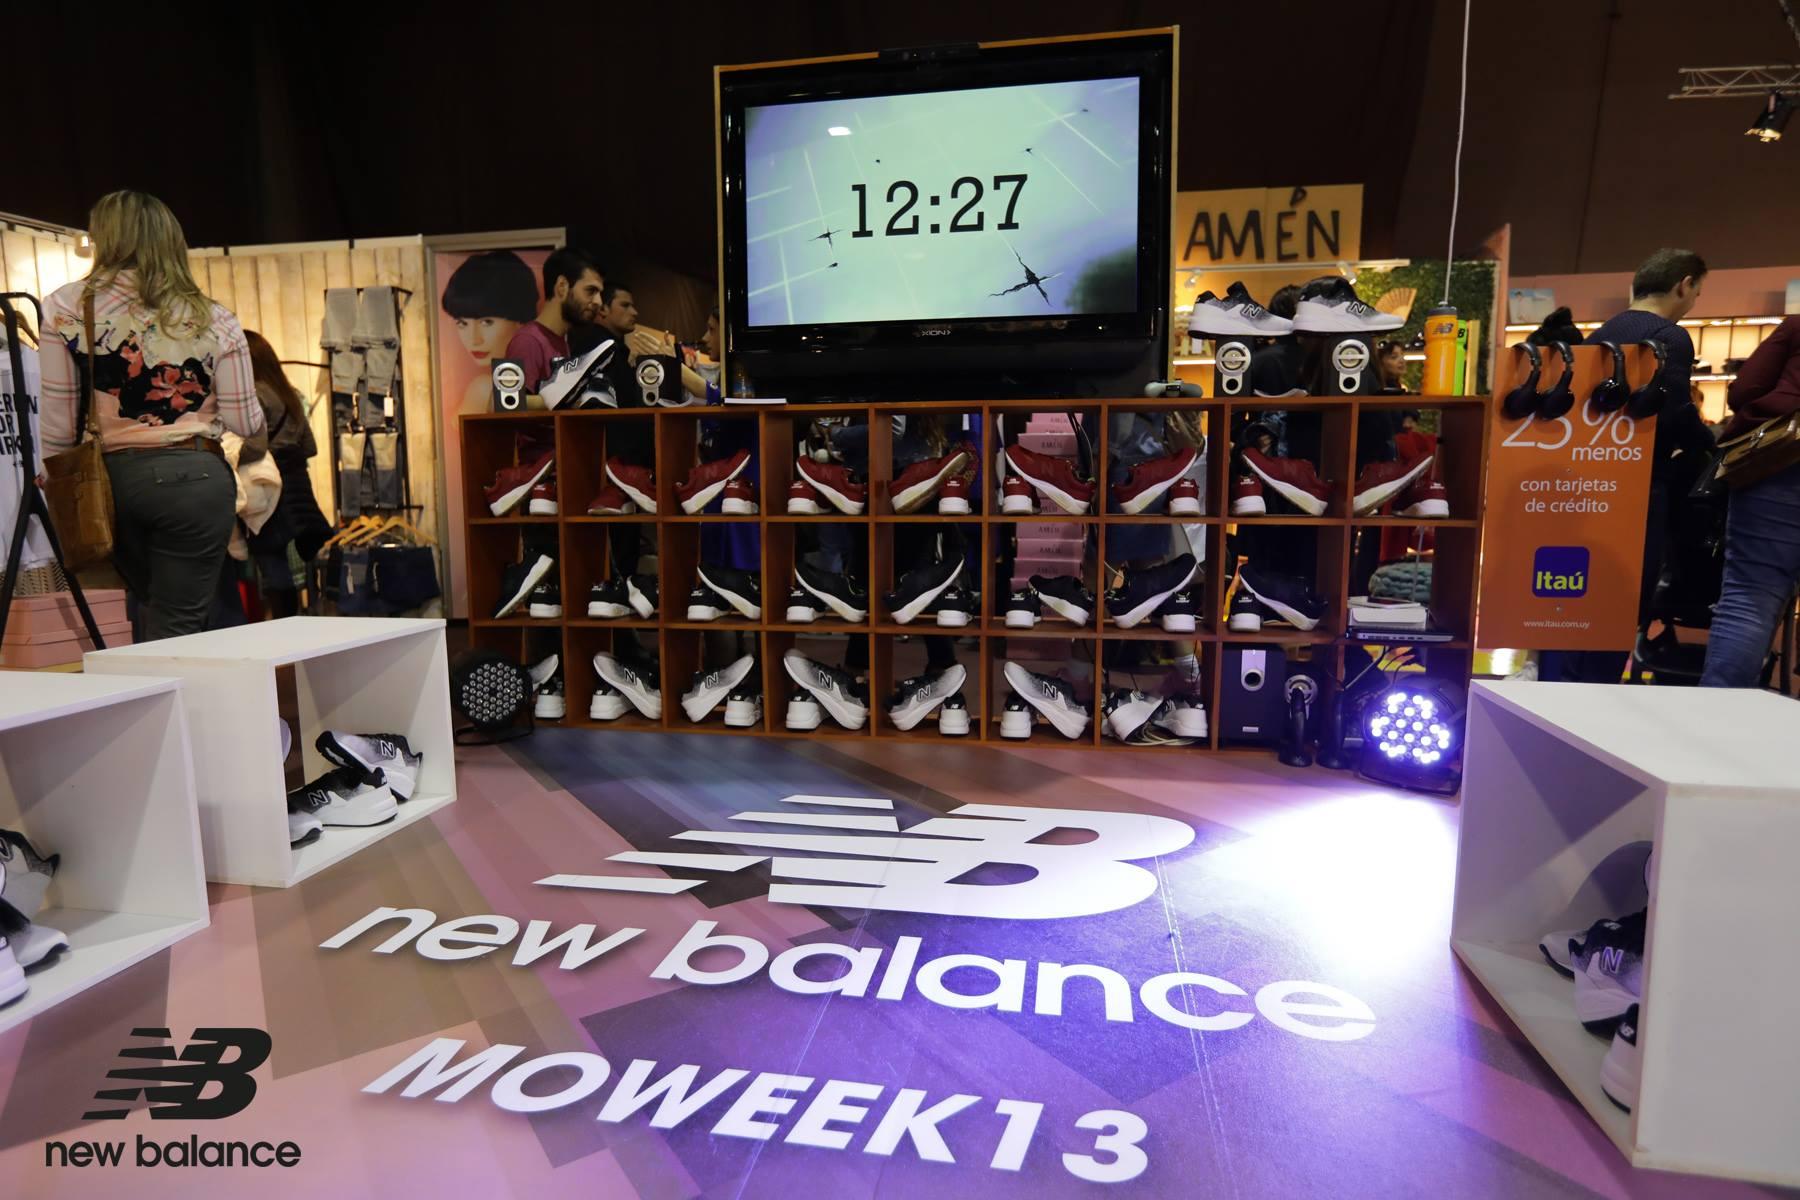 NB_Moweek13_2